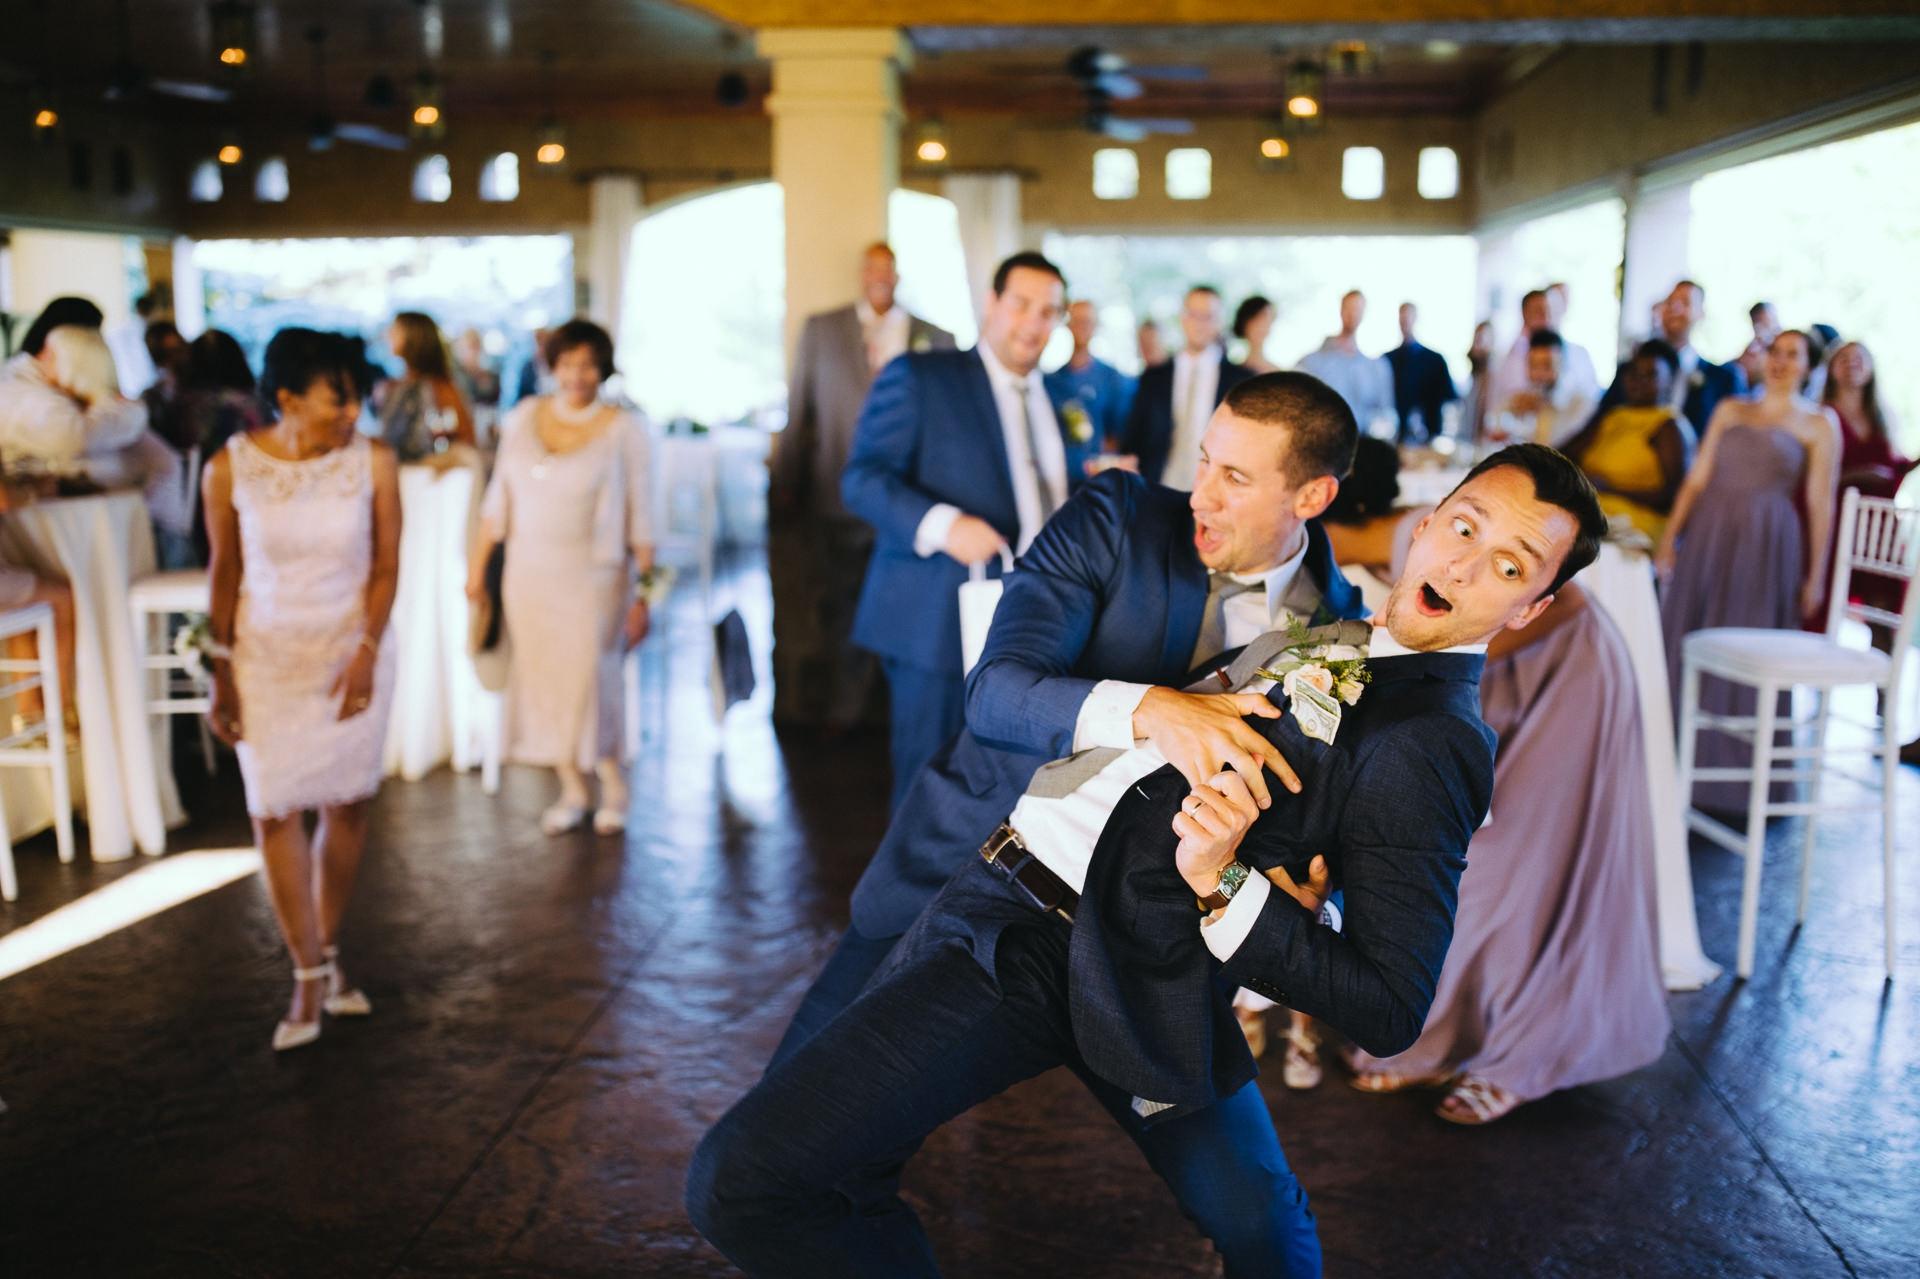 Gervasi Wedding Photographer in Canton Ohio 85.jpg